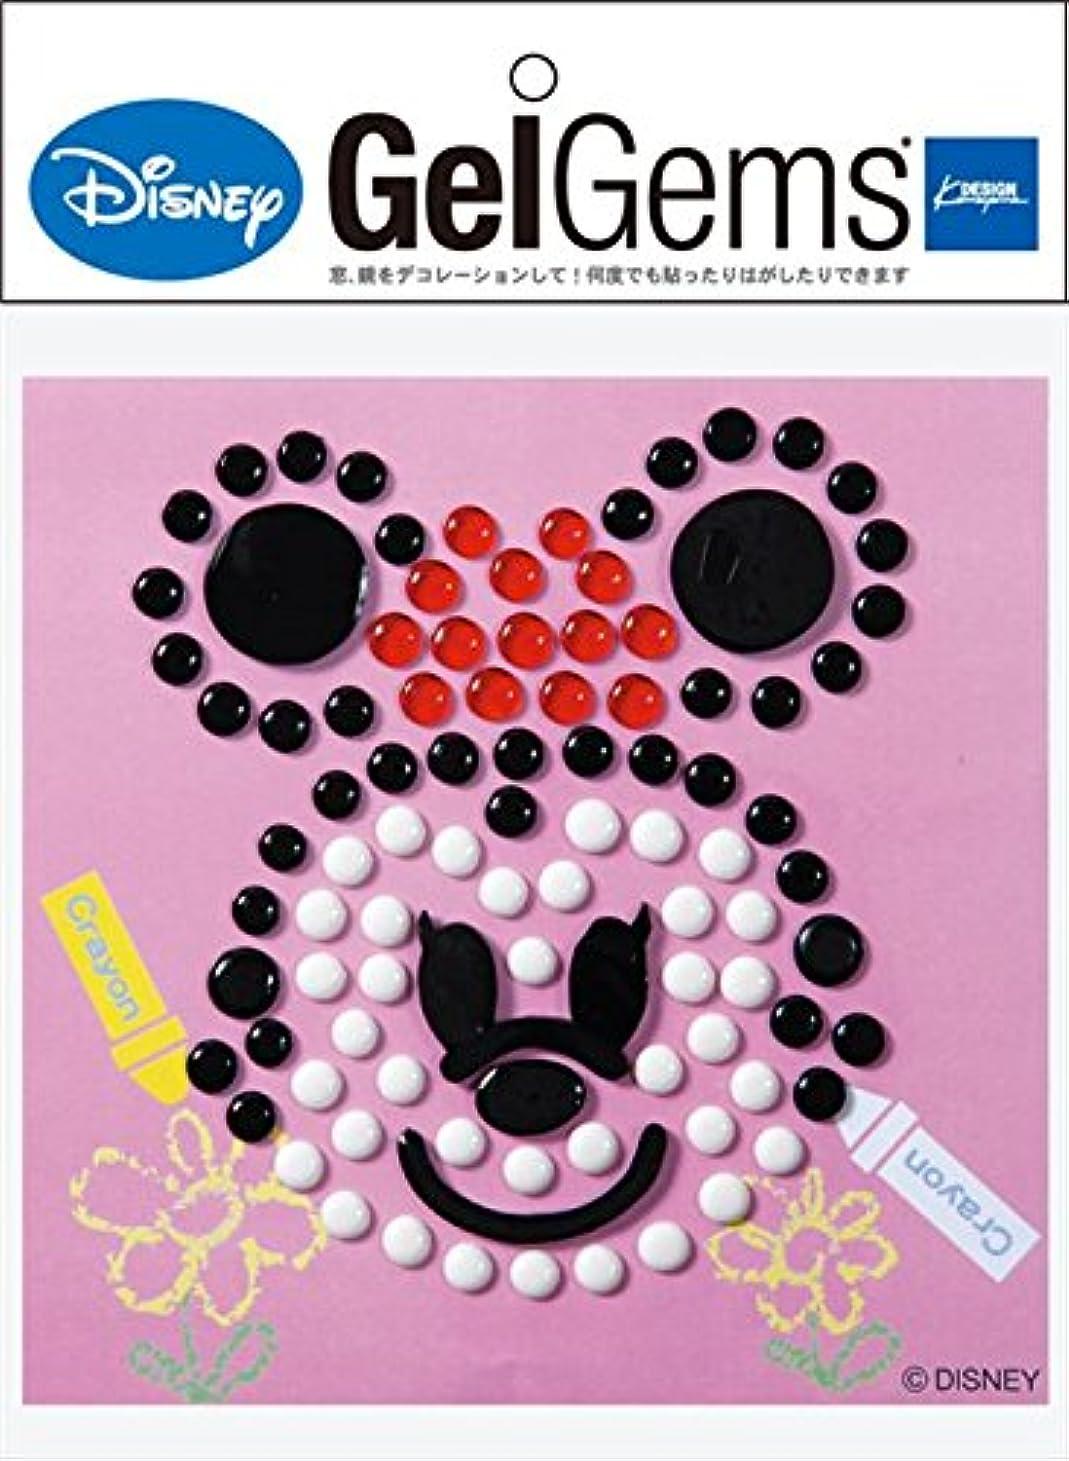 乱気流フィドルターゲットディズニー(Disney) ジェルジェムディズニーバッグS 「 ミニードット 」 E1050052